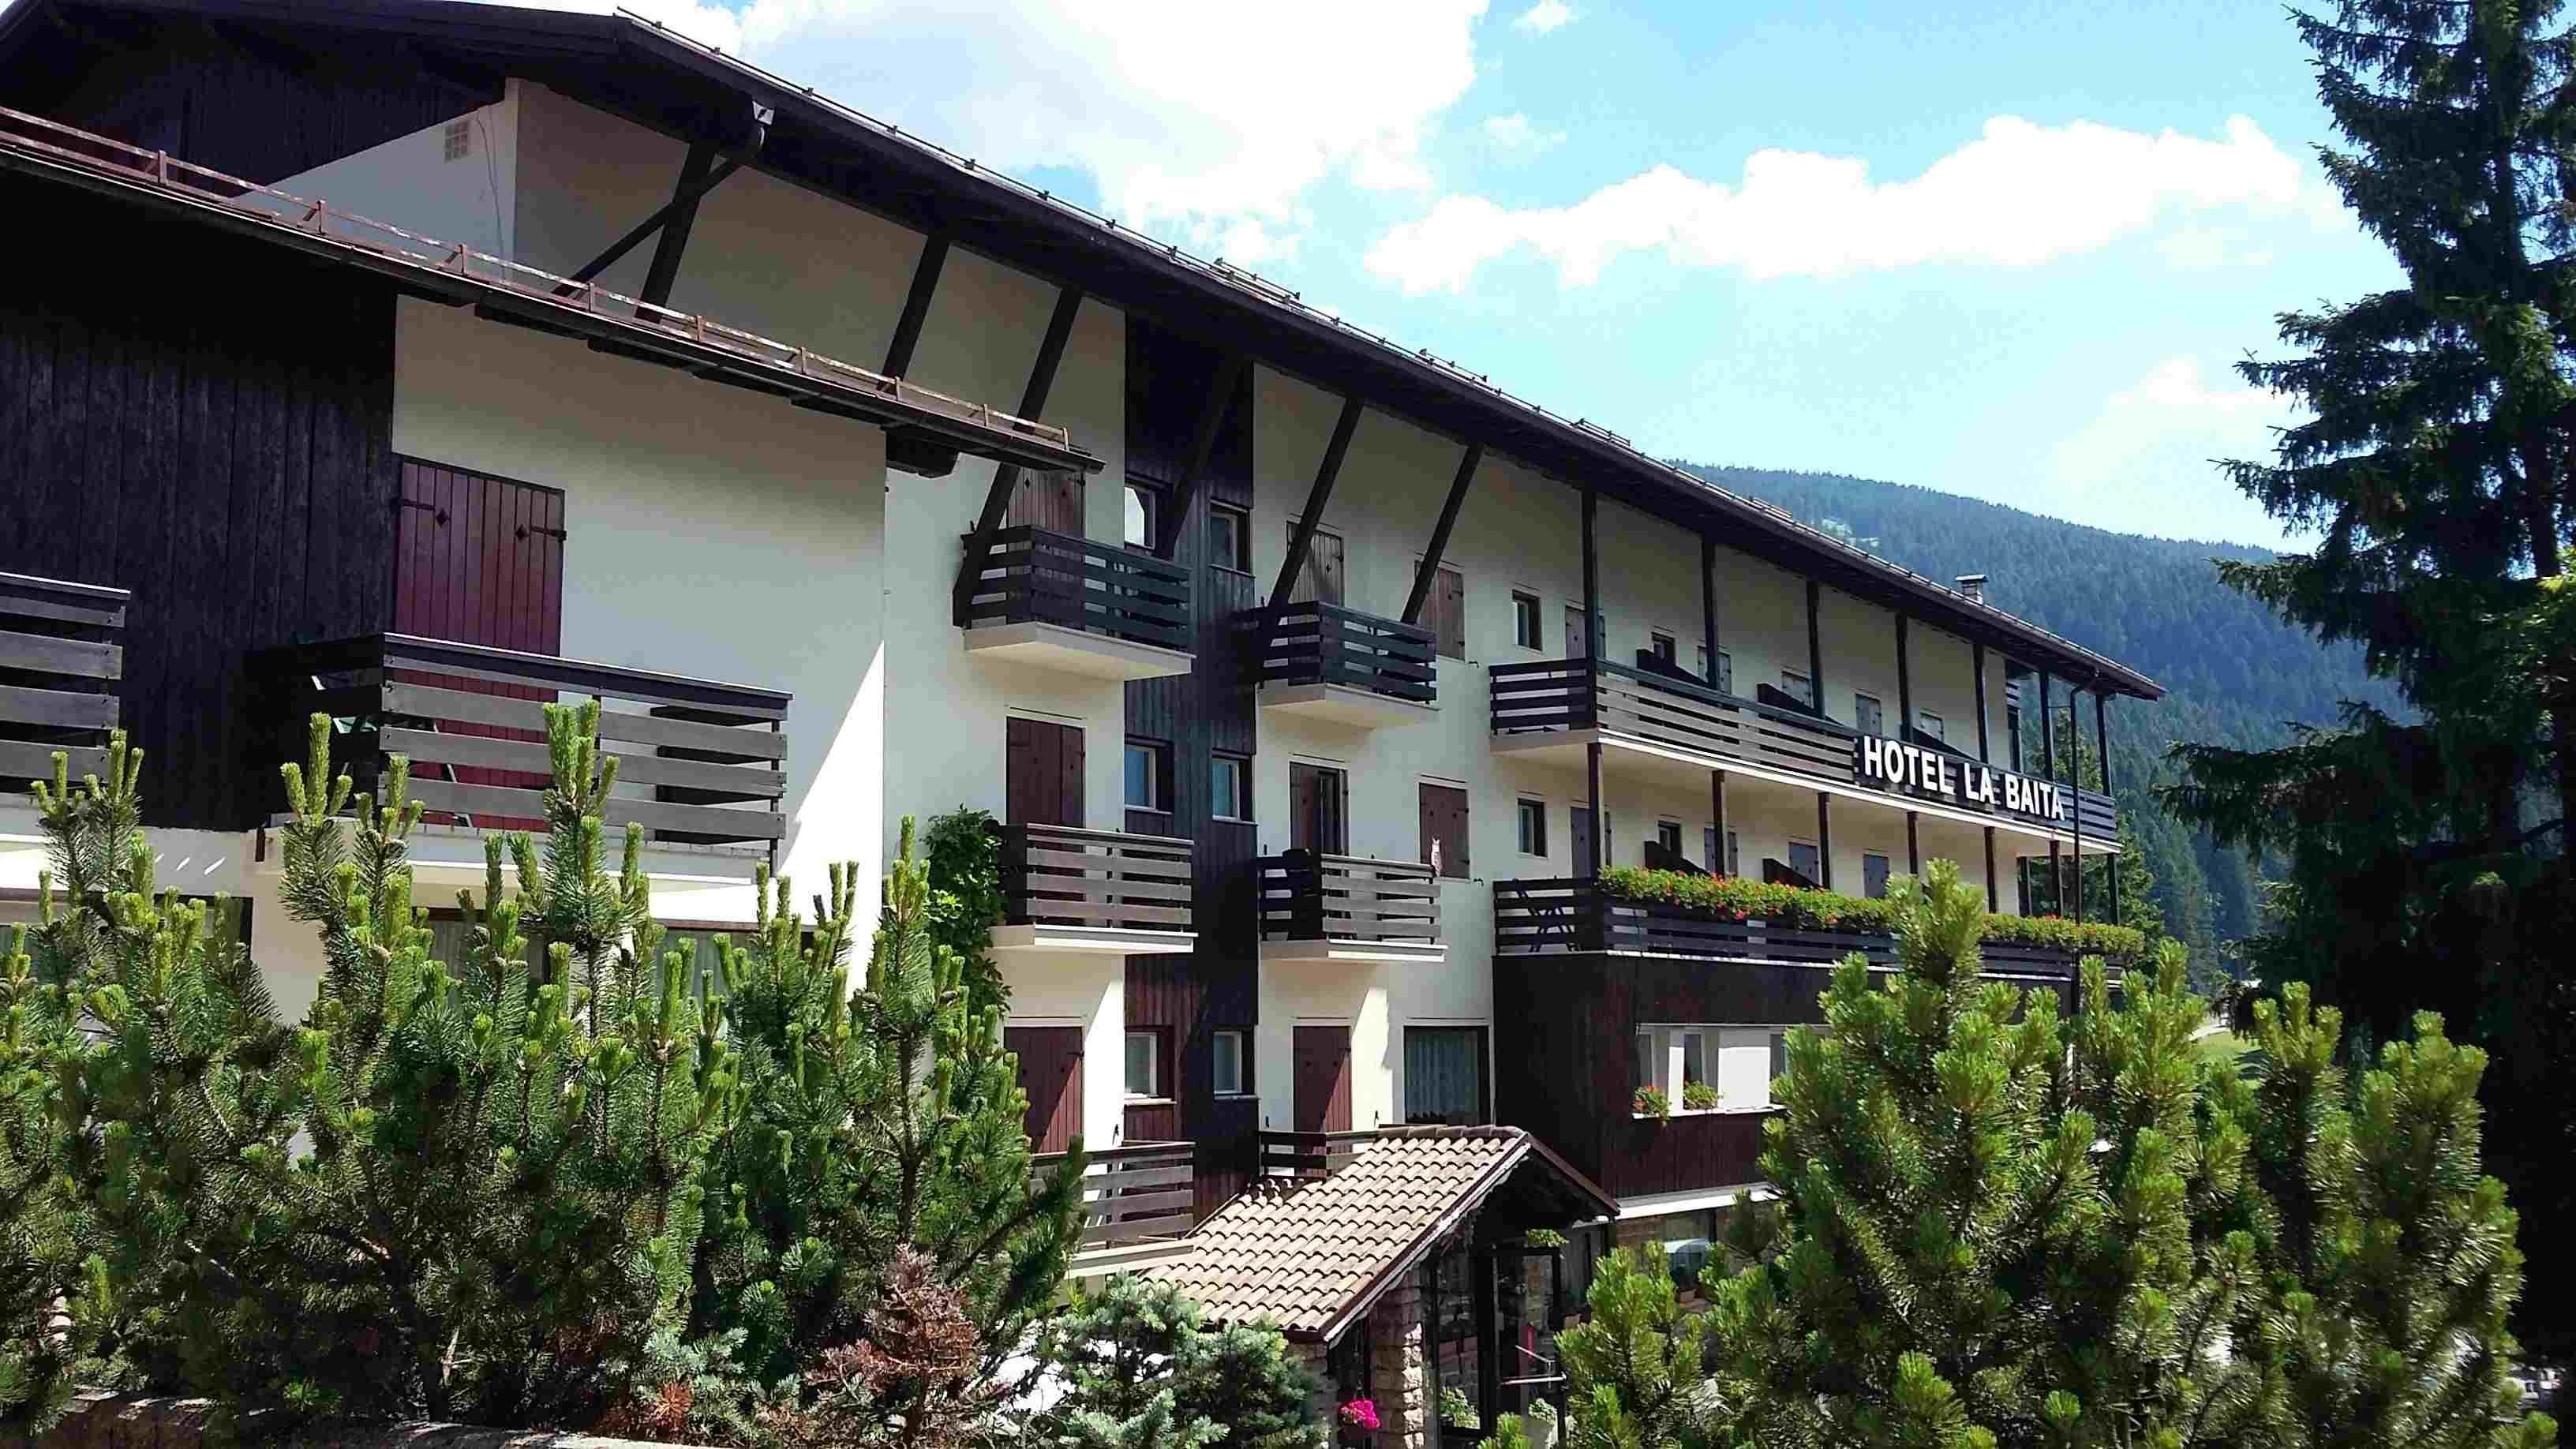 Hotel la baita hotel per bambini in montagna a andalo for Hotel per bambini trentino